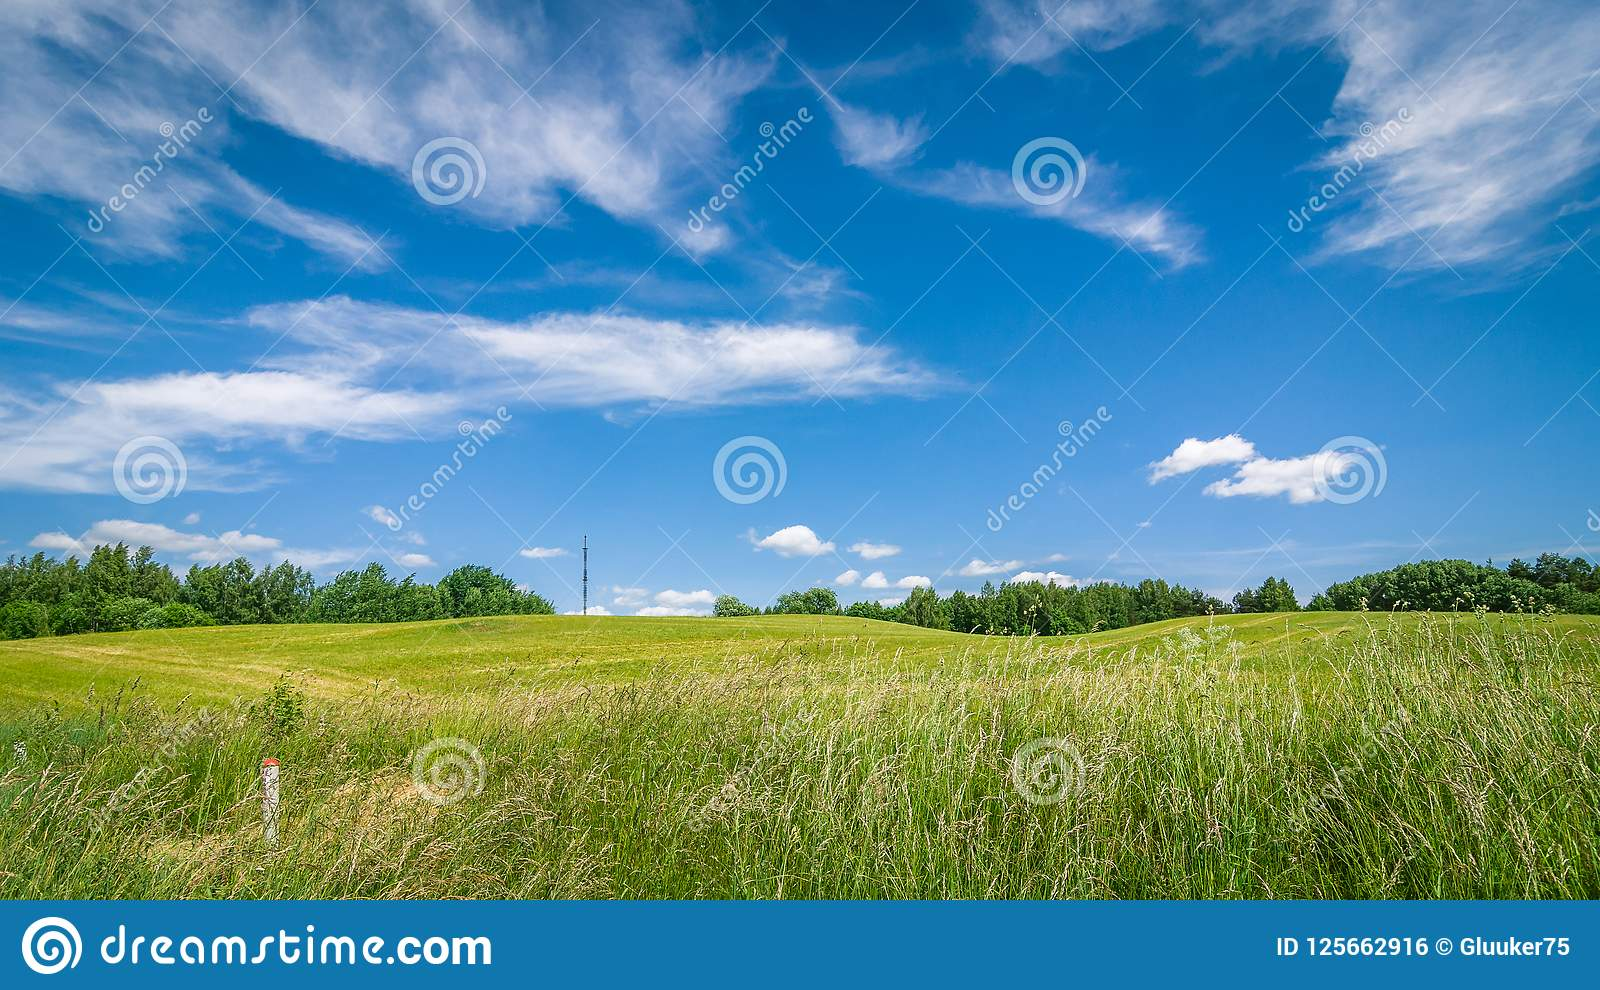 Paisagem agricultural do verão um campo montanhoso sob um céu nebuloso azul